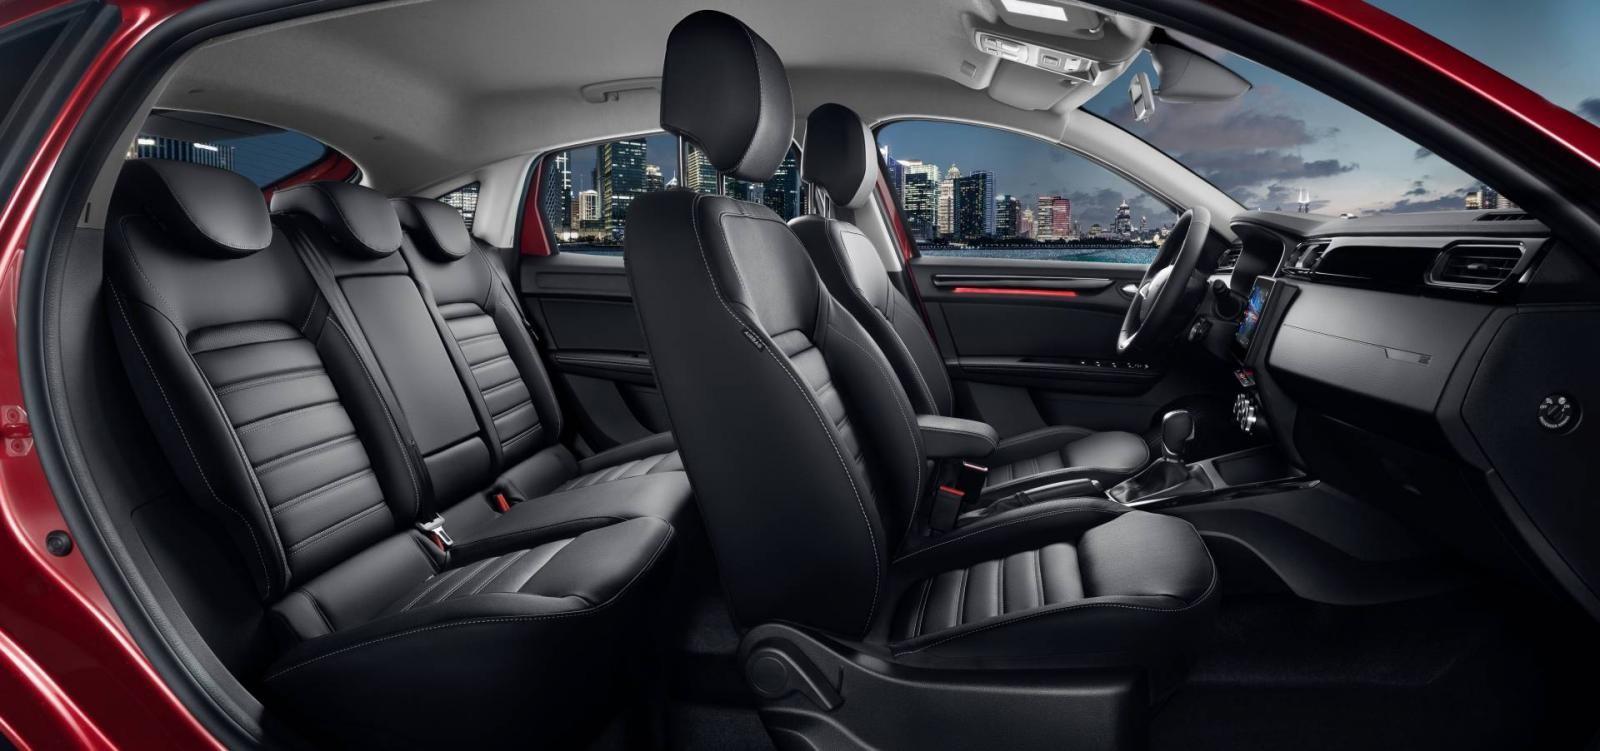 Nội thất 5 chỗ bên trong Renault Arkana 2019